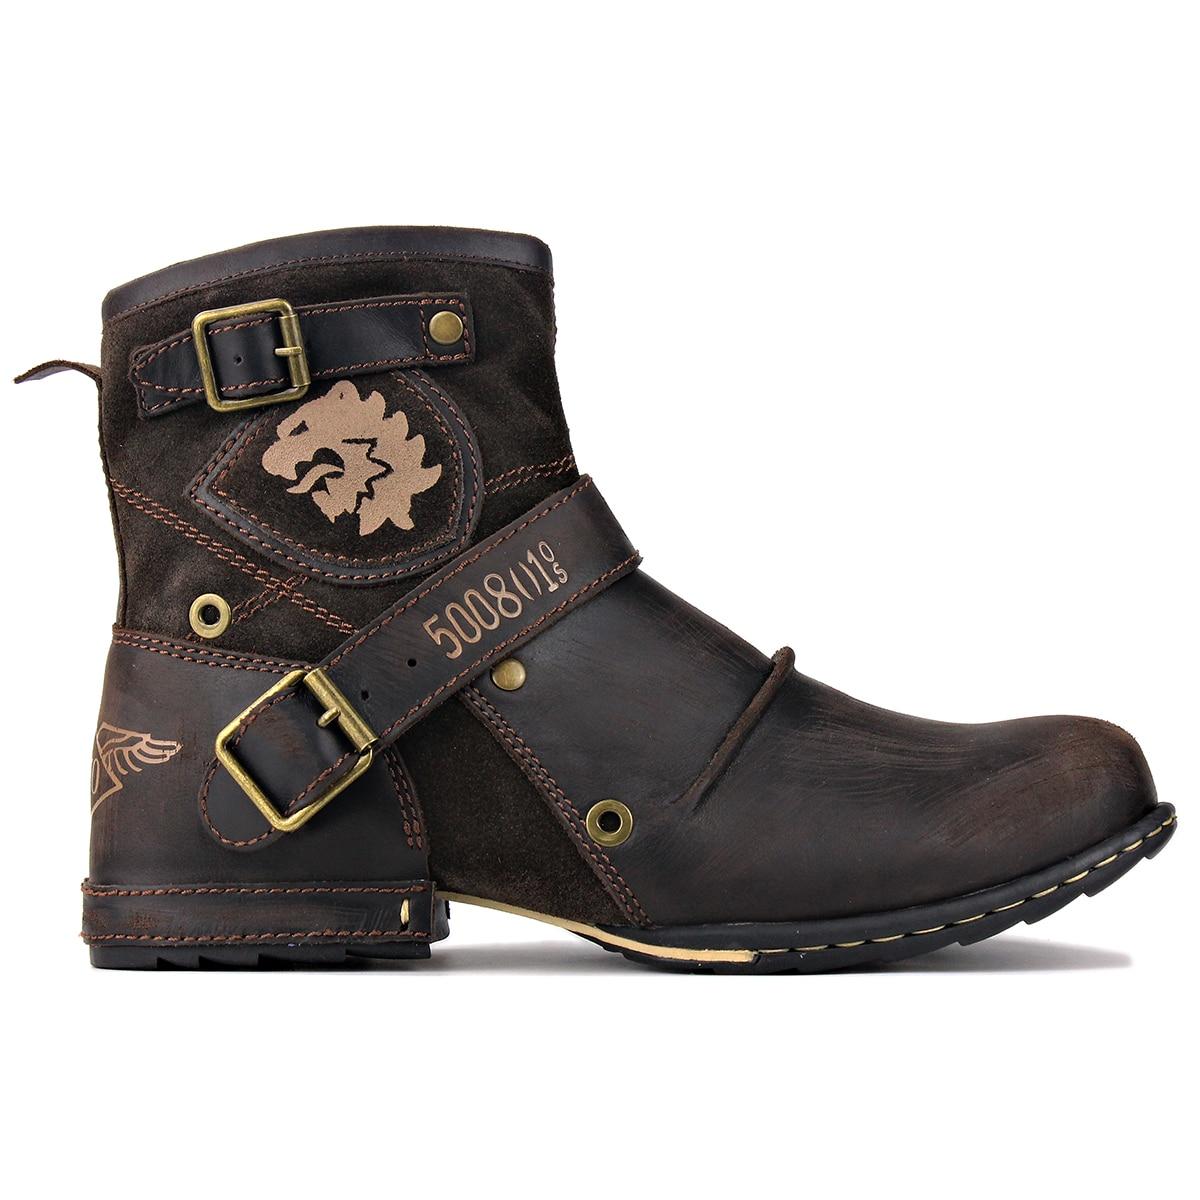 أحذية جلدية أصلية للرجال ، أحذية عمل عالية الجودة ، أحذية كاوبوي Chukka ، سحاب ، أحذية غربية مصنوعة يدويًا